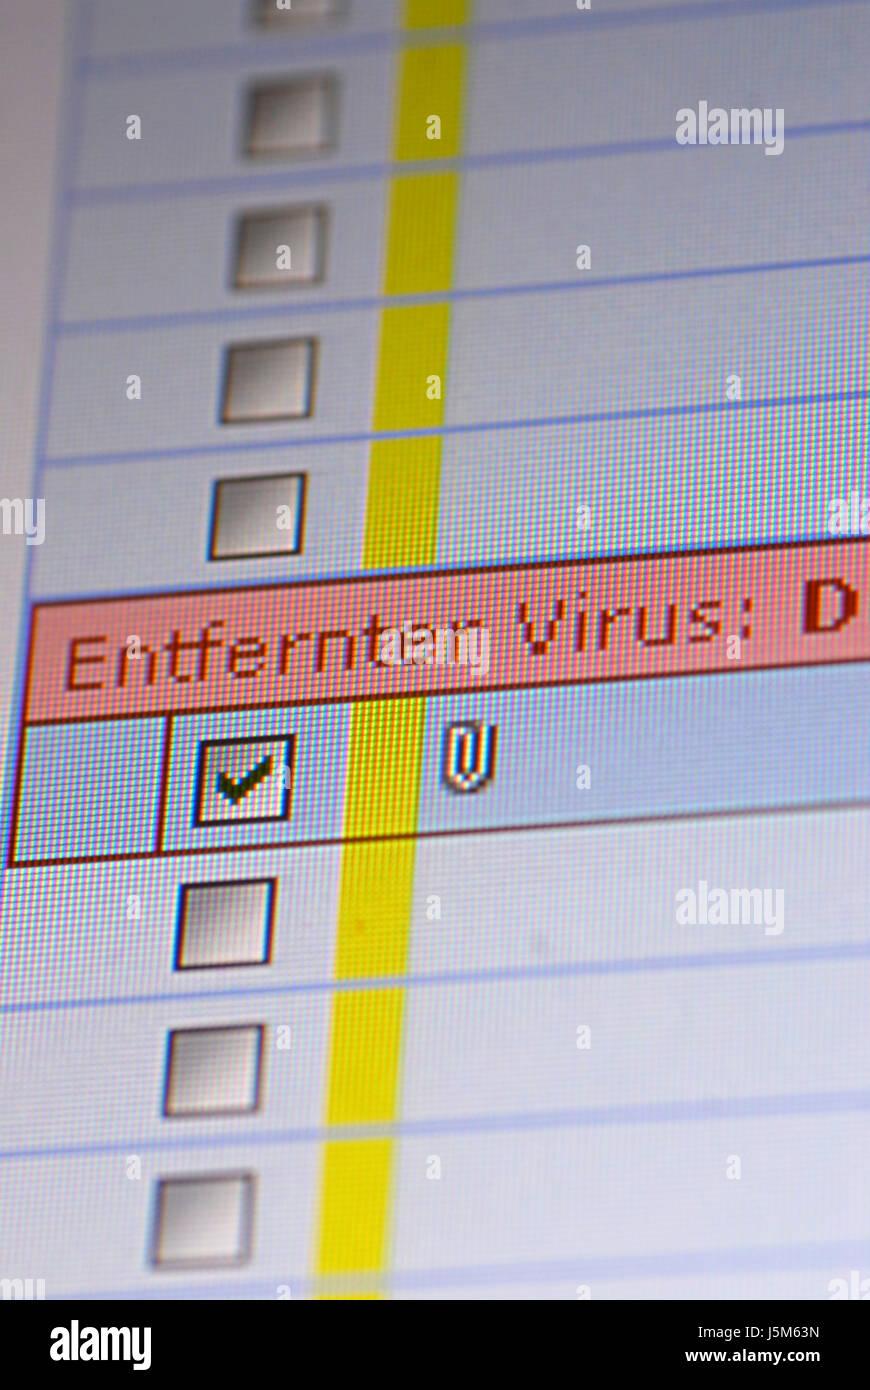 virenschutzsoftware